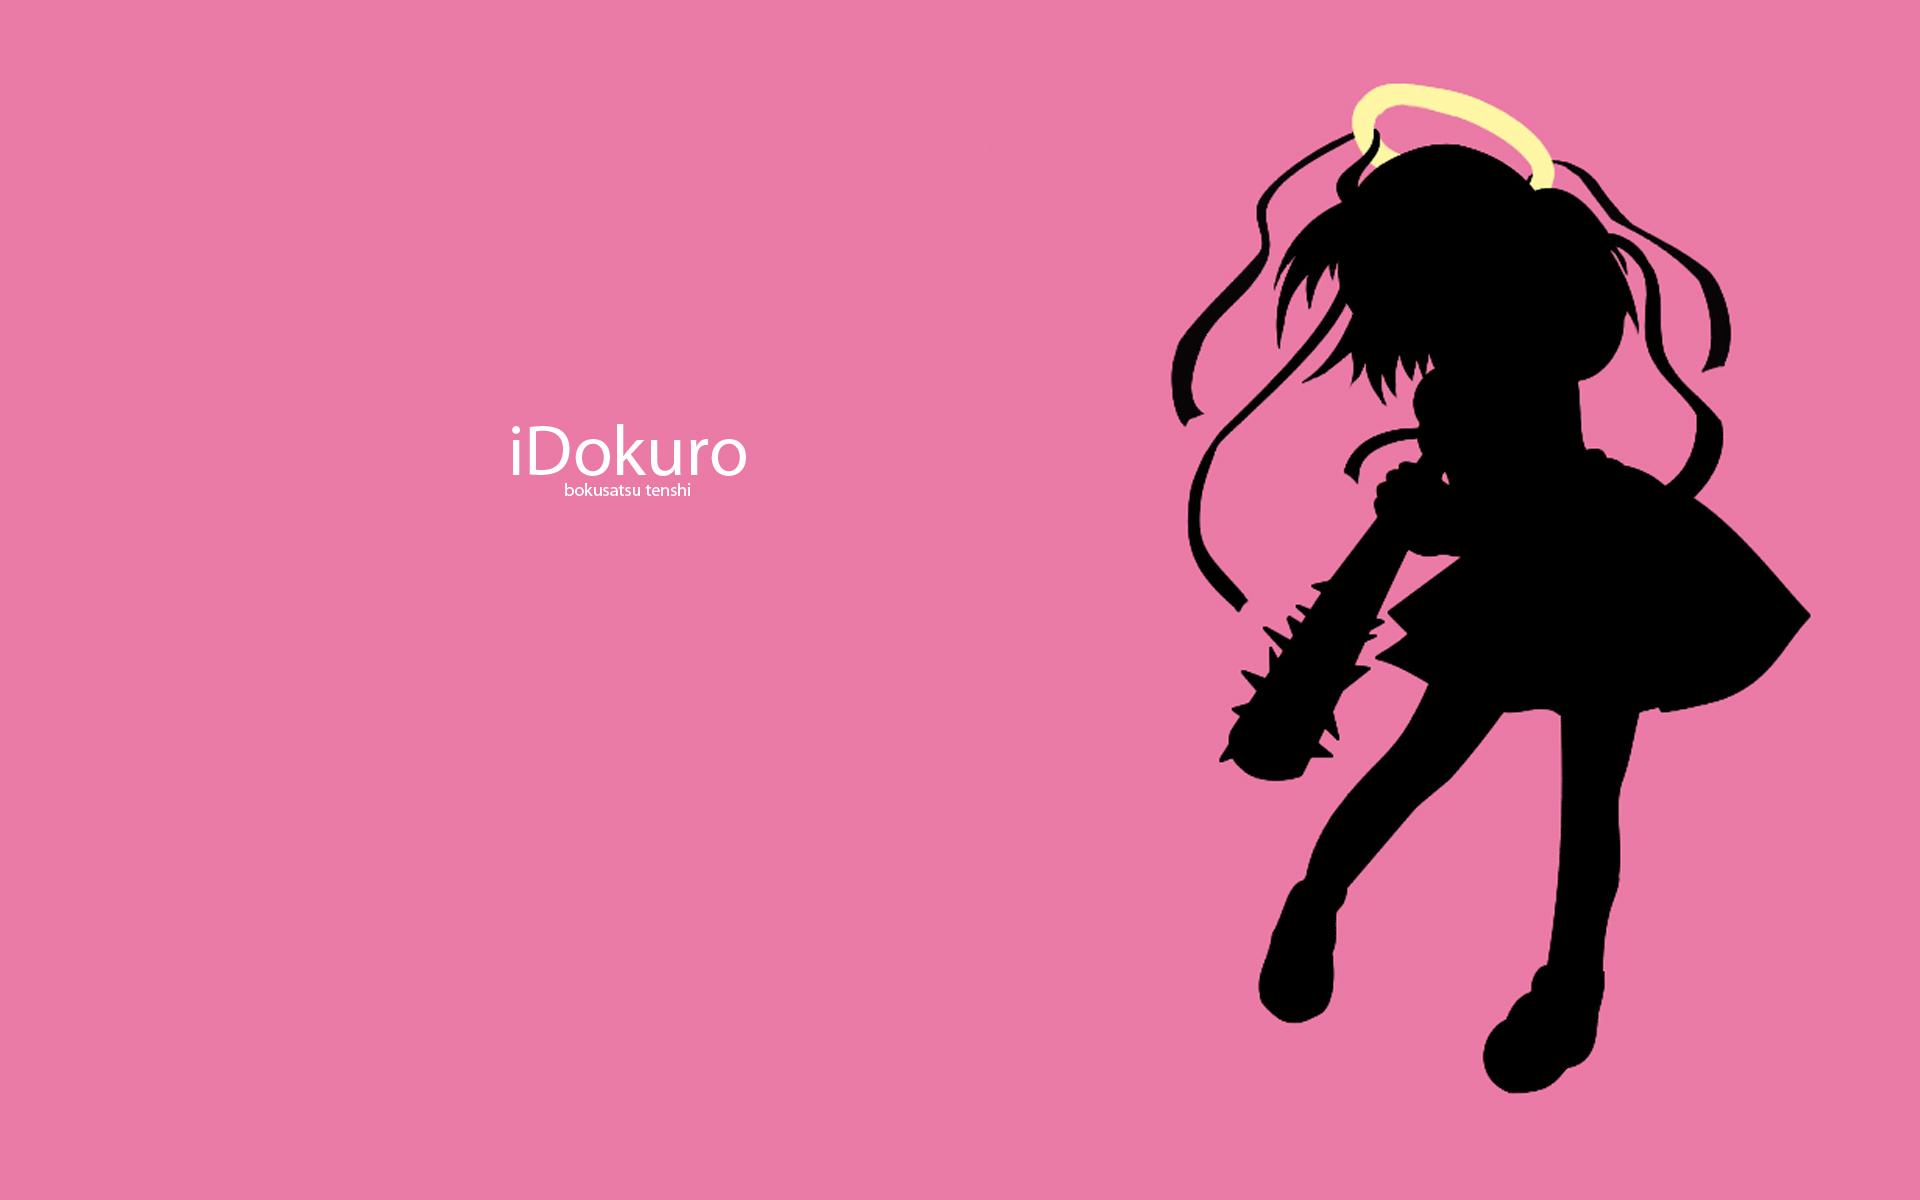 angel bokusatsu_tenshi_dokuro-chan dokuro ipod parody pink silhouette